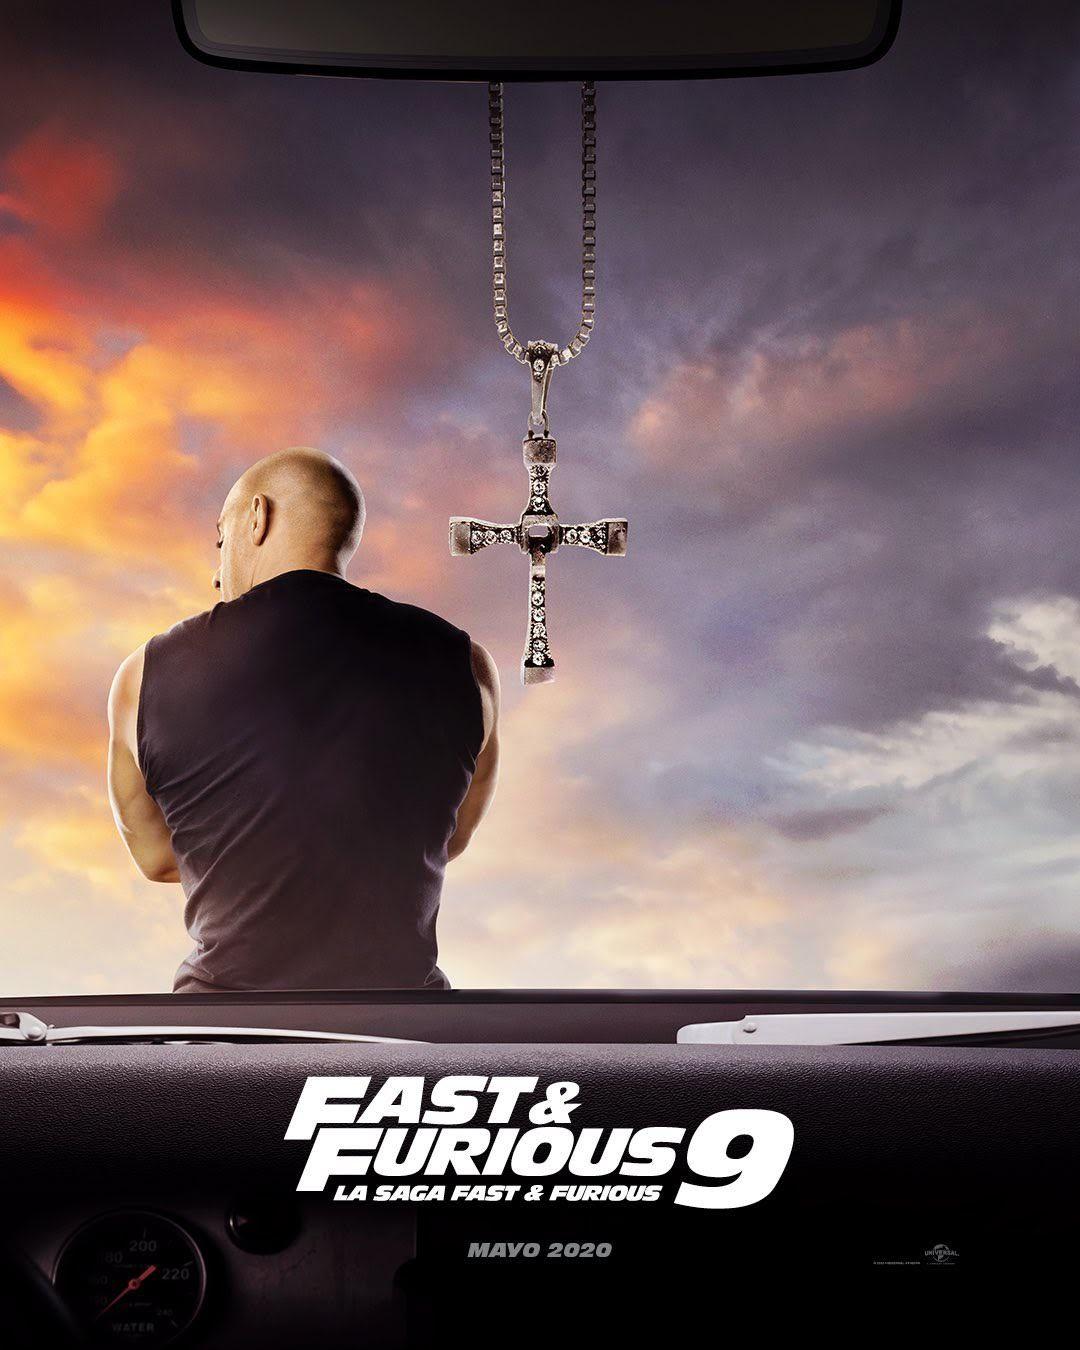 Fast Furious 9 La Saga Fast Furious Peliculas Completas Peliculas Completas Gratis Peliculas En Linea Gratis